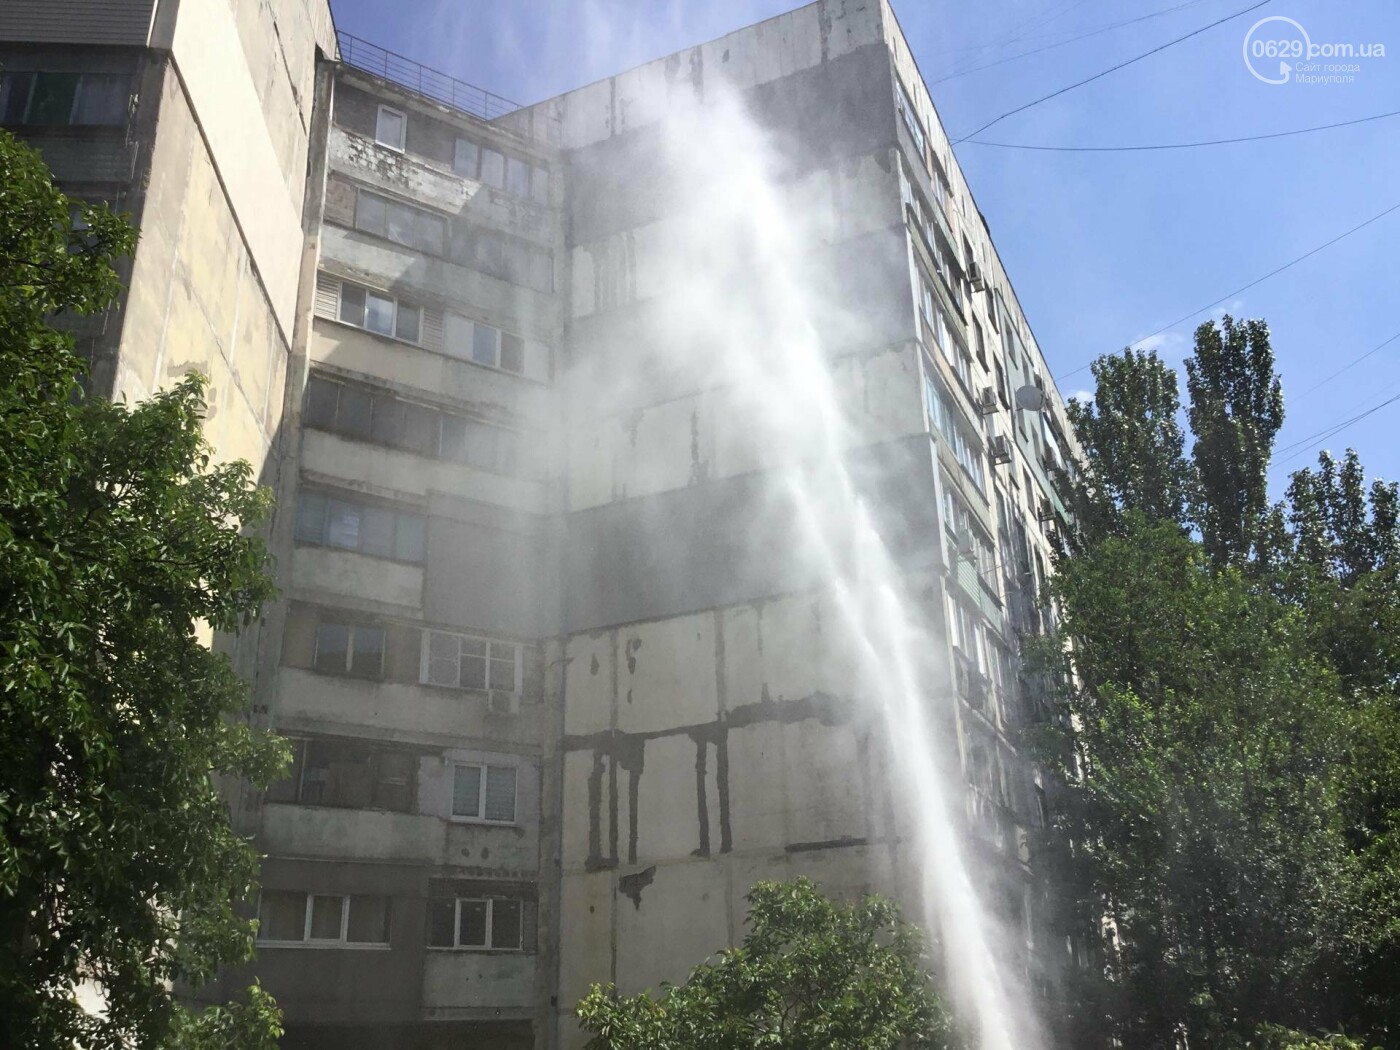 В Мариуполе бъет фонтан питьевой воды, высотой в 5 этажей, - ФОТО, ВИДЕО, фото-5